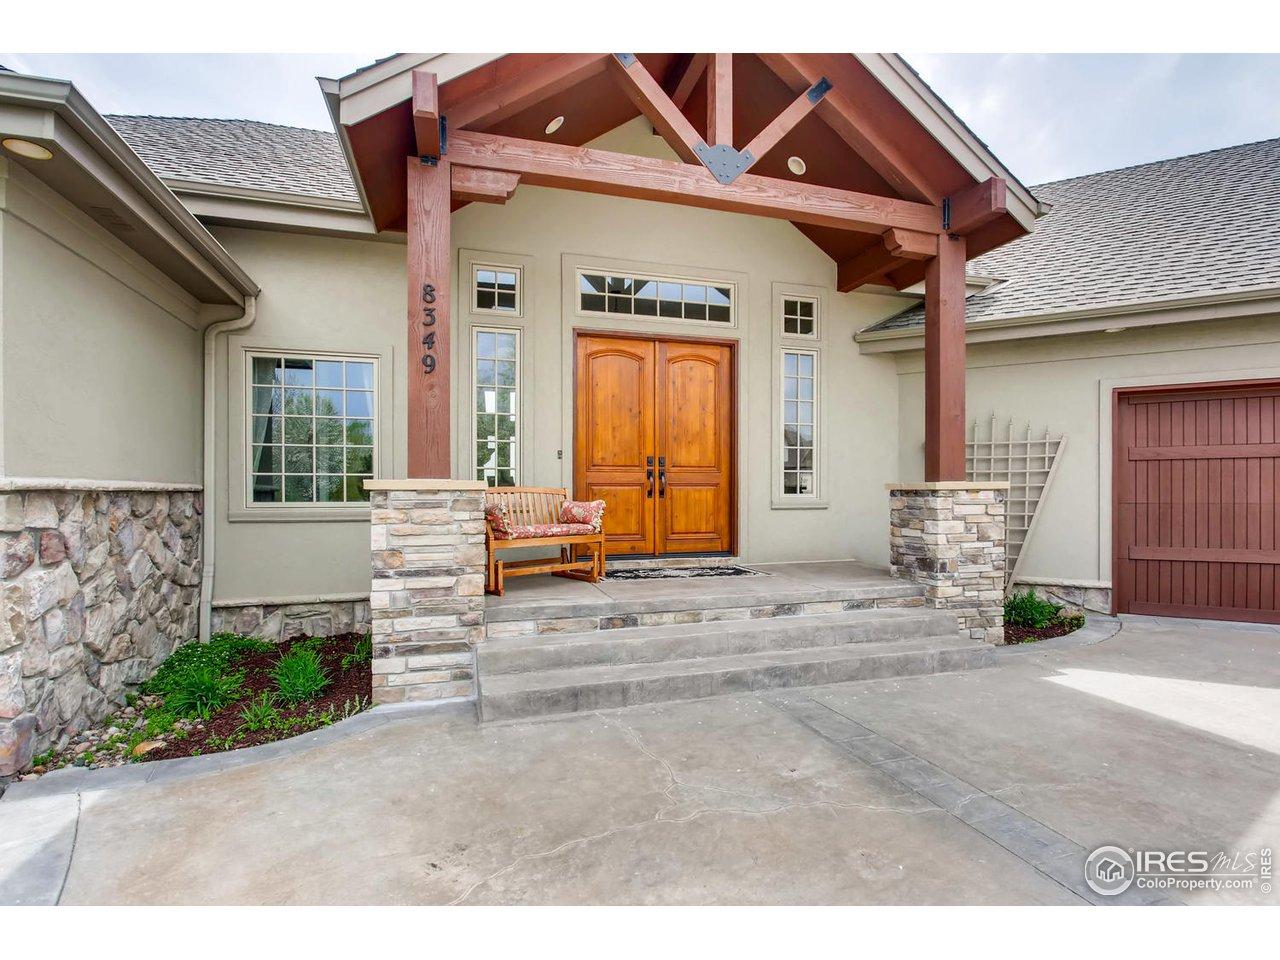 8349 Golden Eagle Rd, Fort Collins CO 80528